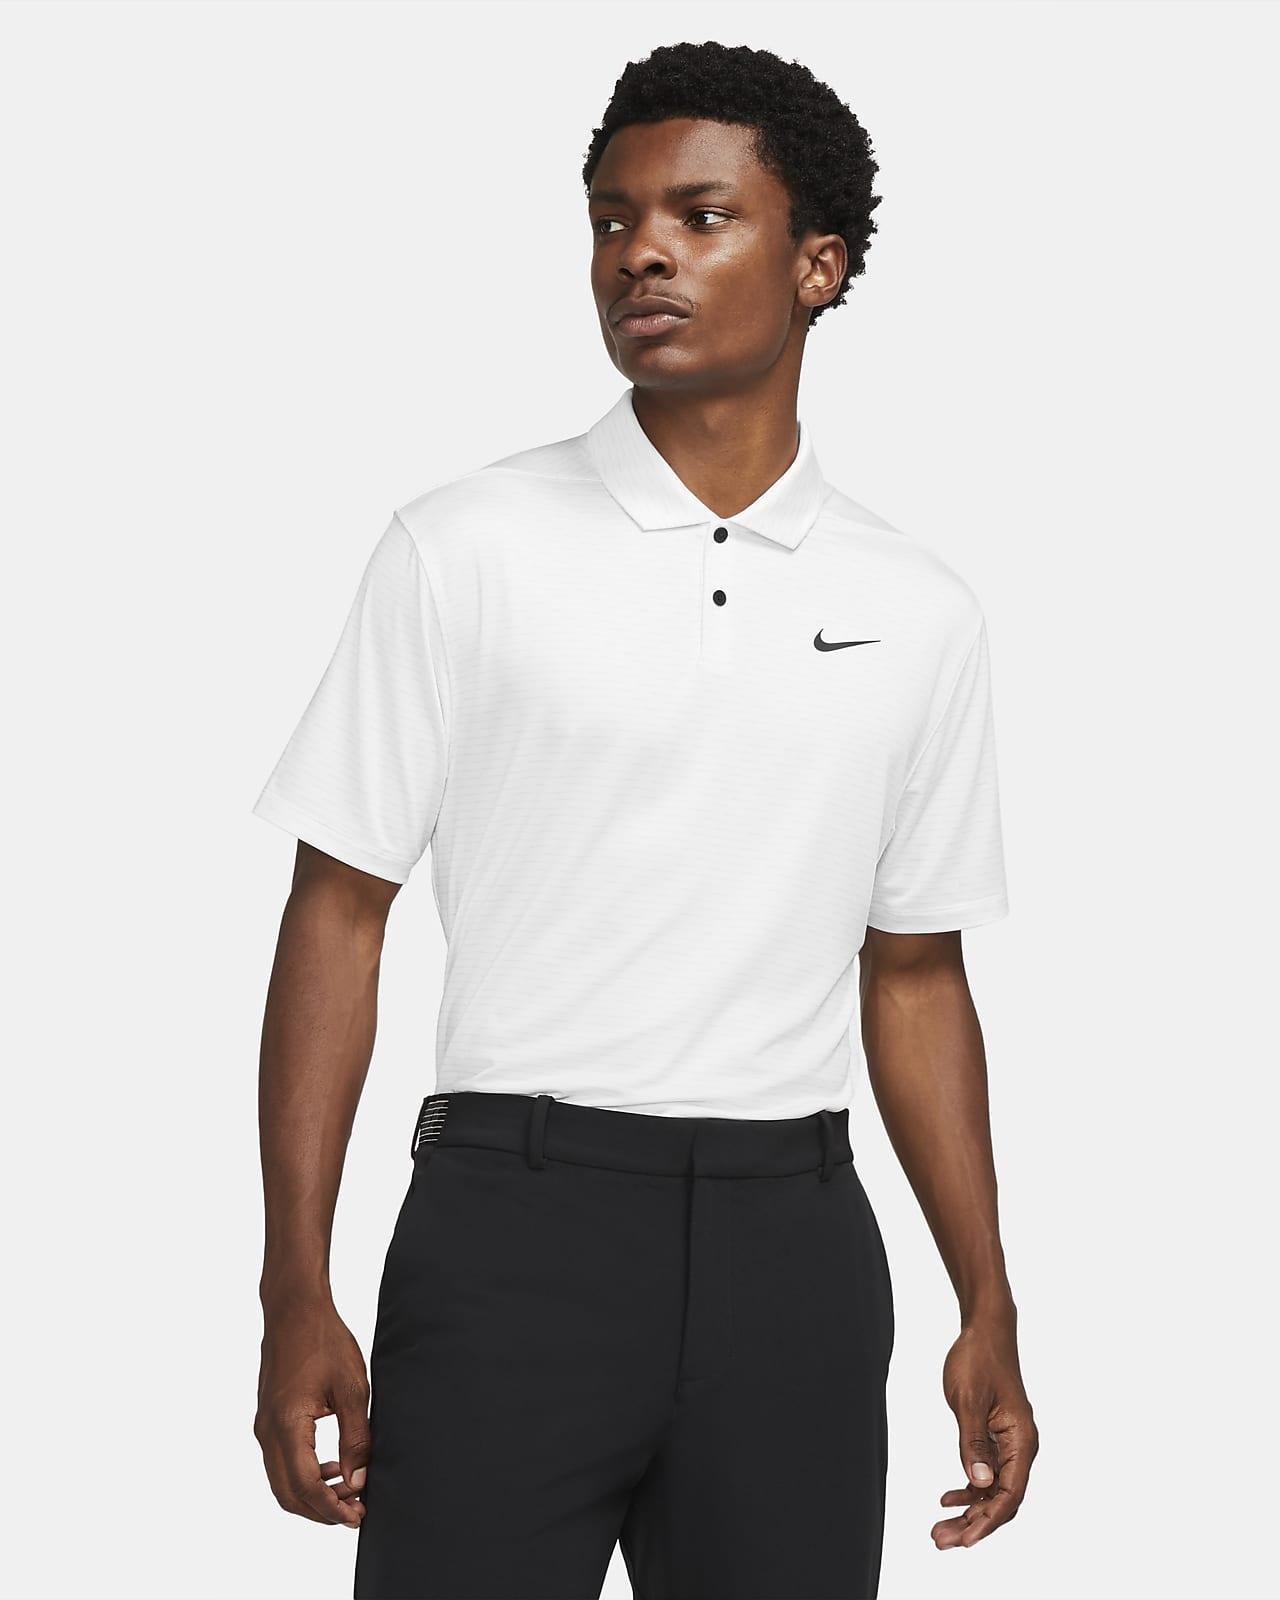 Nike Dri-FIT Vapor gestreiftes Golf-Poloshirt für Herren